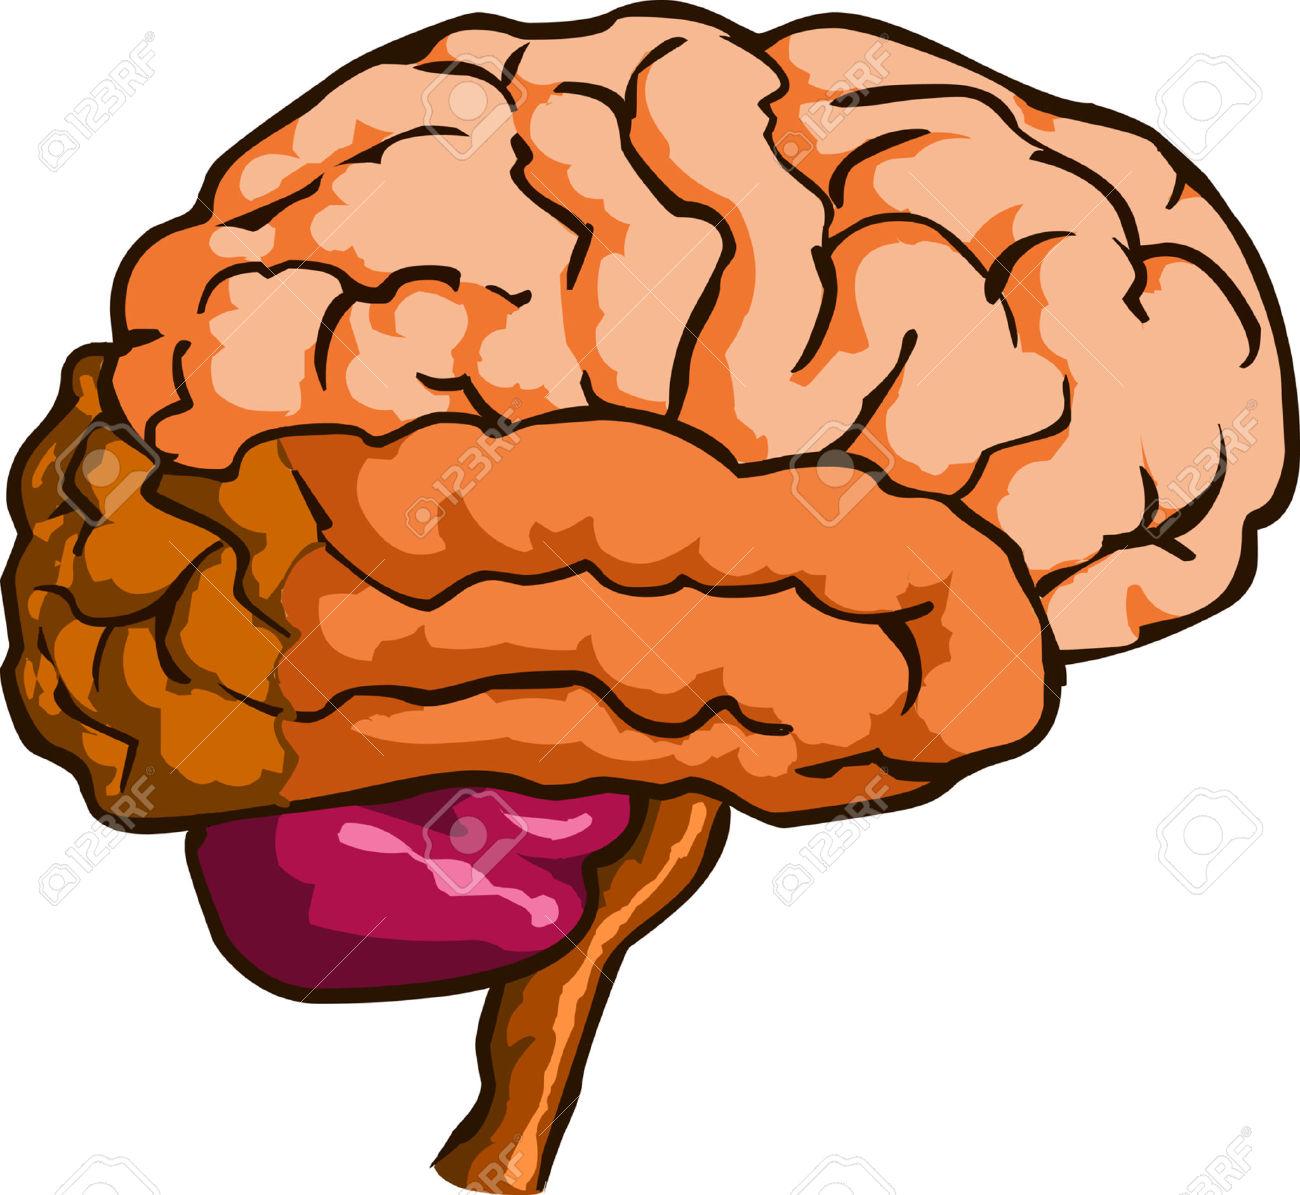 Clipart Brain-clipart brain-6